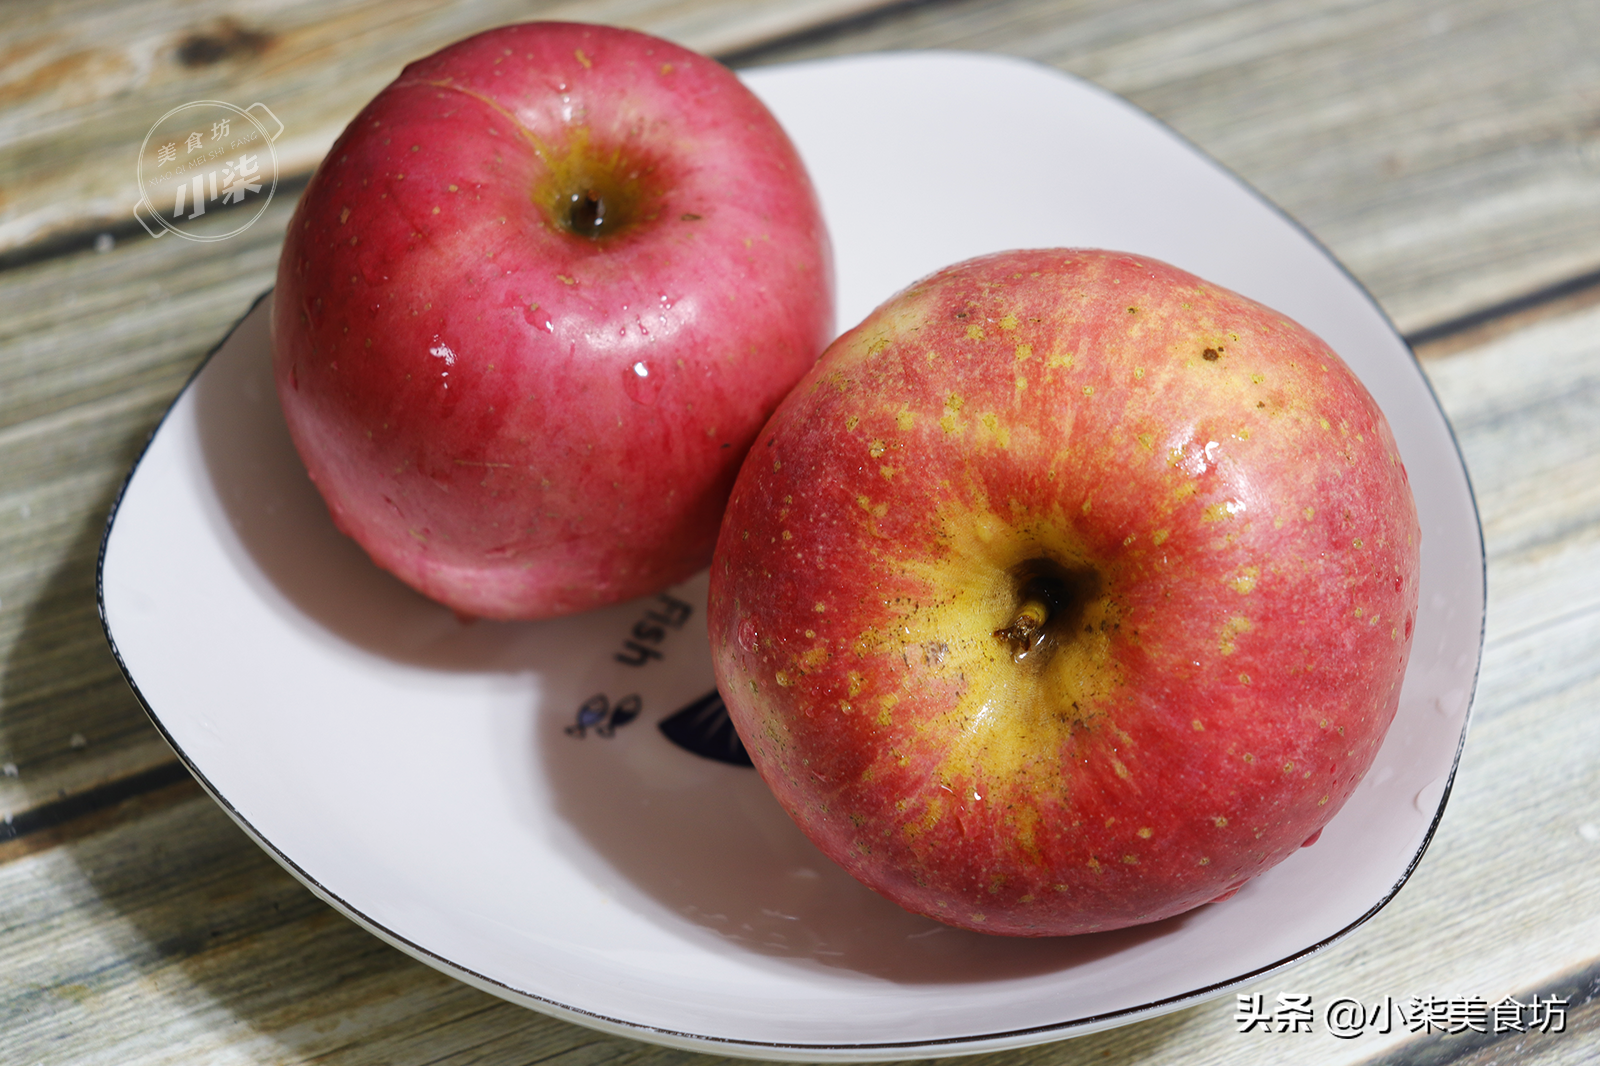 【苹果派】做法步骤图 甜而不腻 大人小孩都爱吃